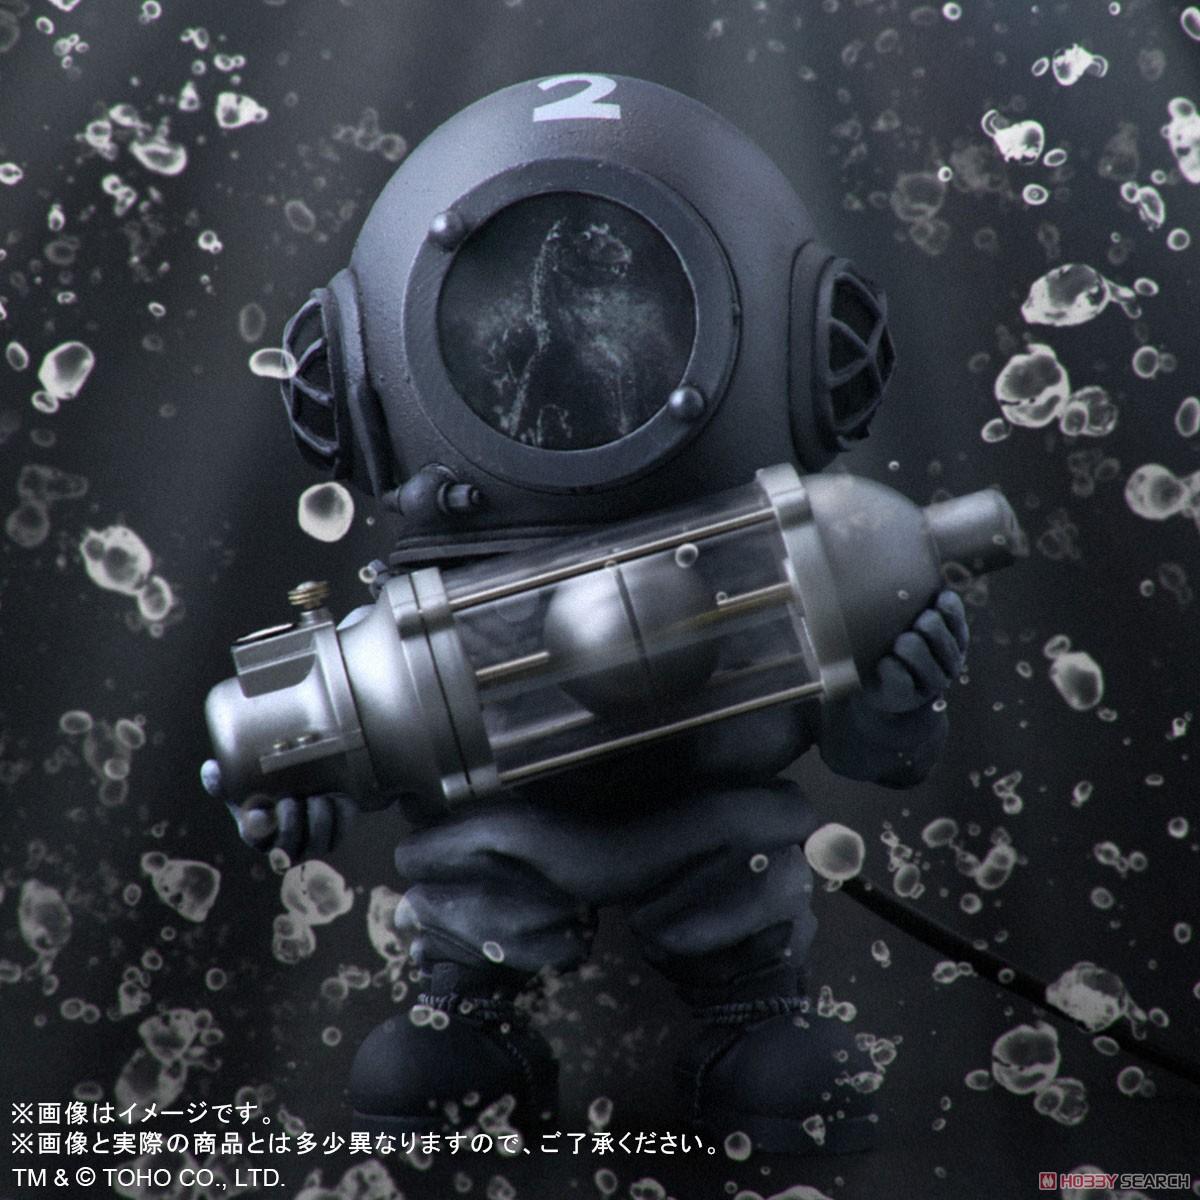 デフォリアル『芹沢博士 モノクロVer.』ゴジラ デフォルメ完成品フィギュア-009